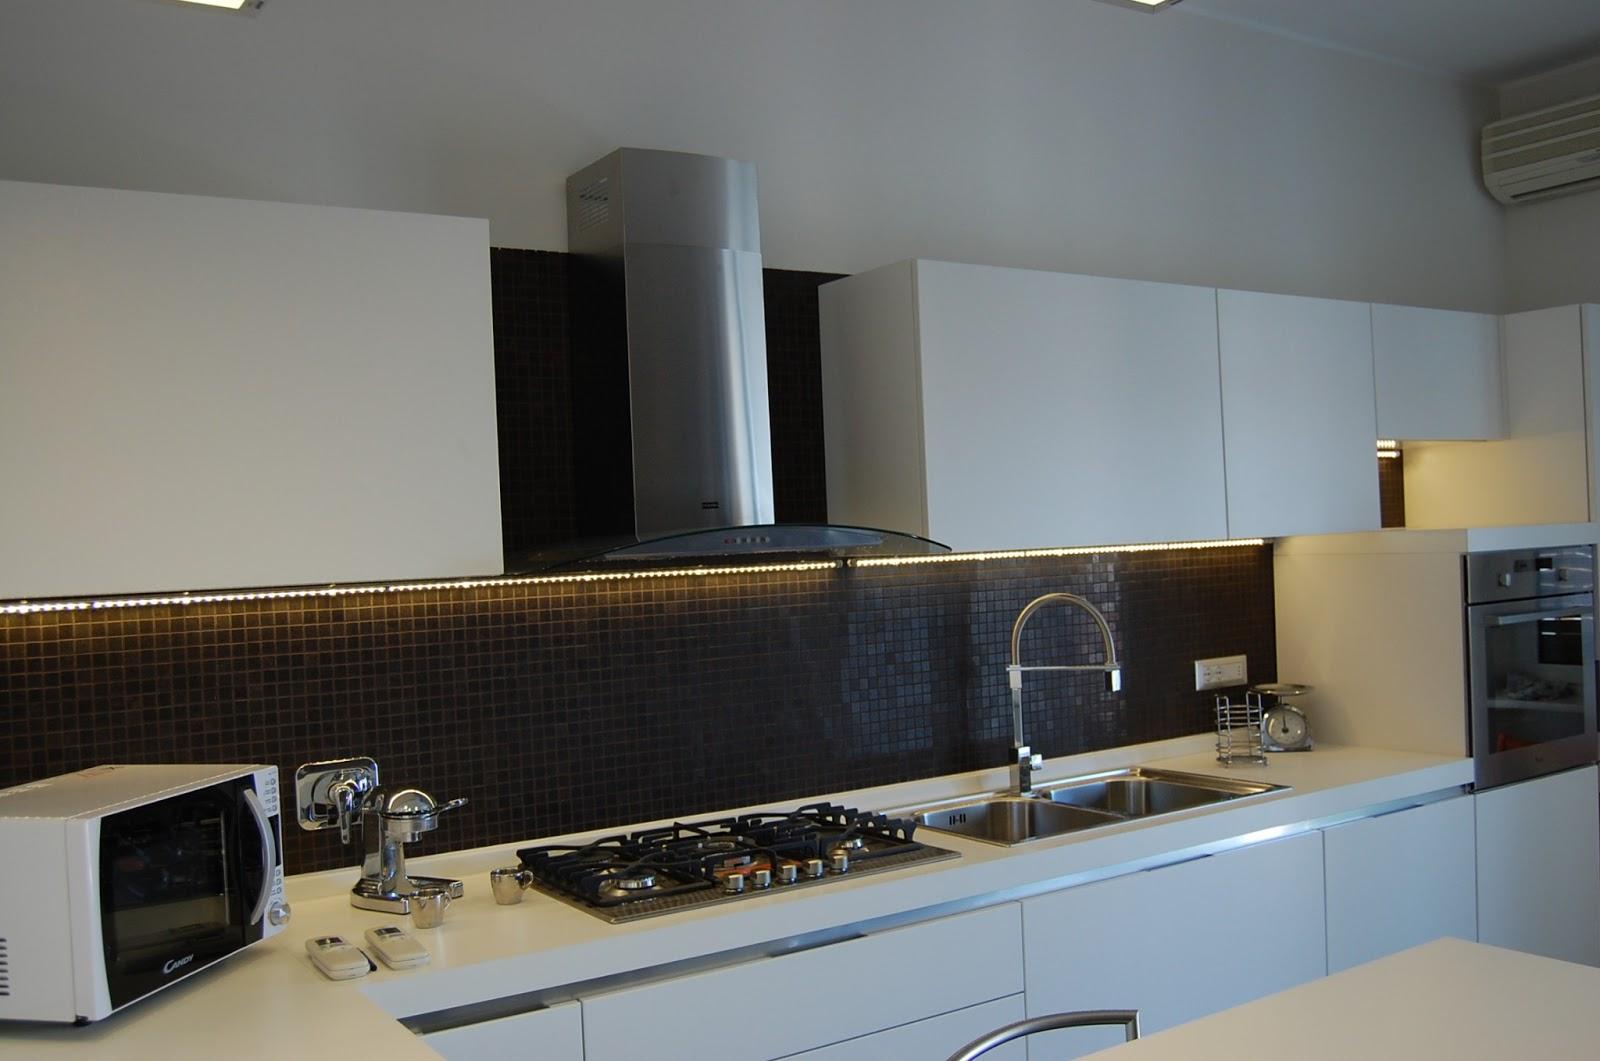 Illuminazione led casa appartamento progetto - Led in cucina ...